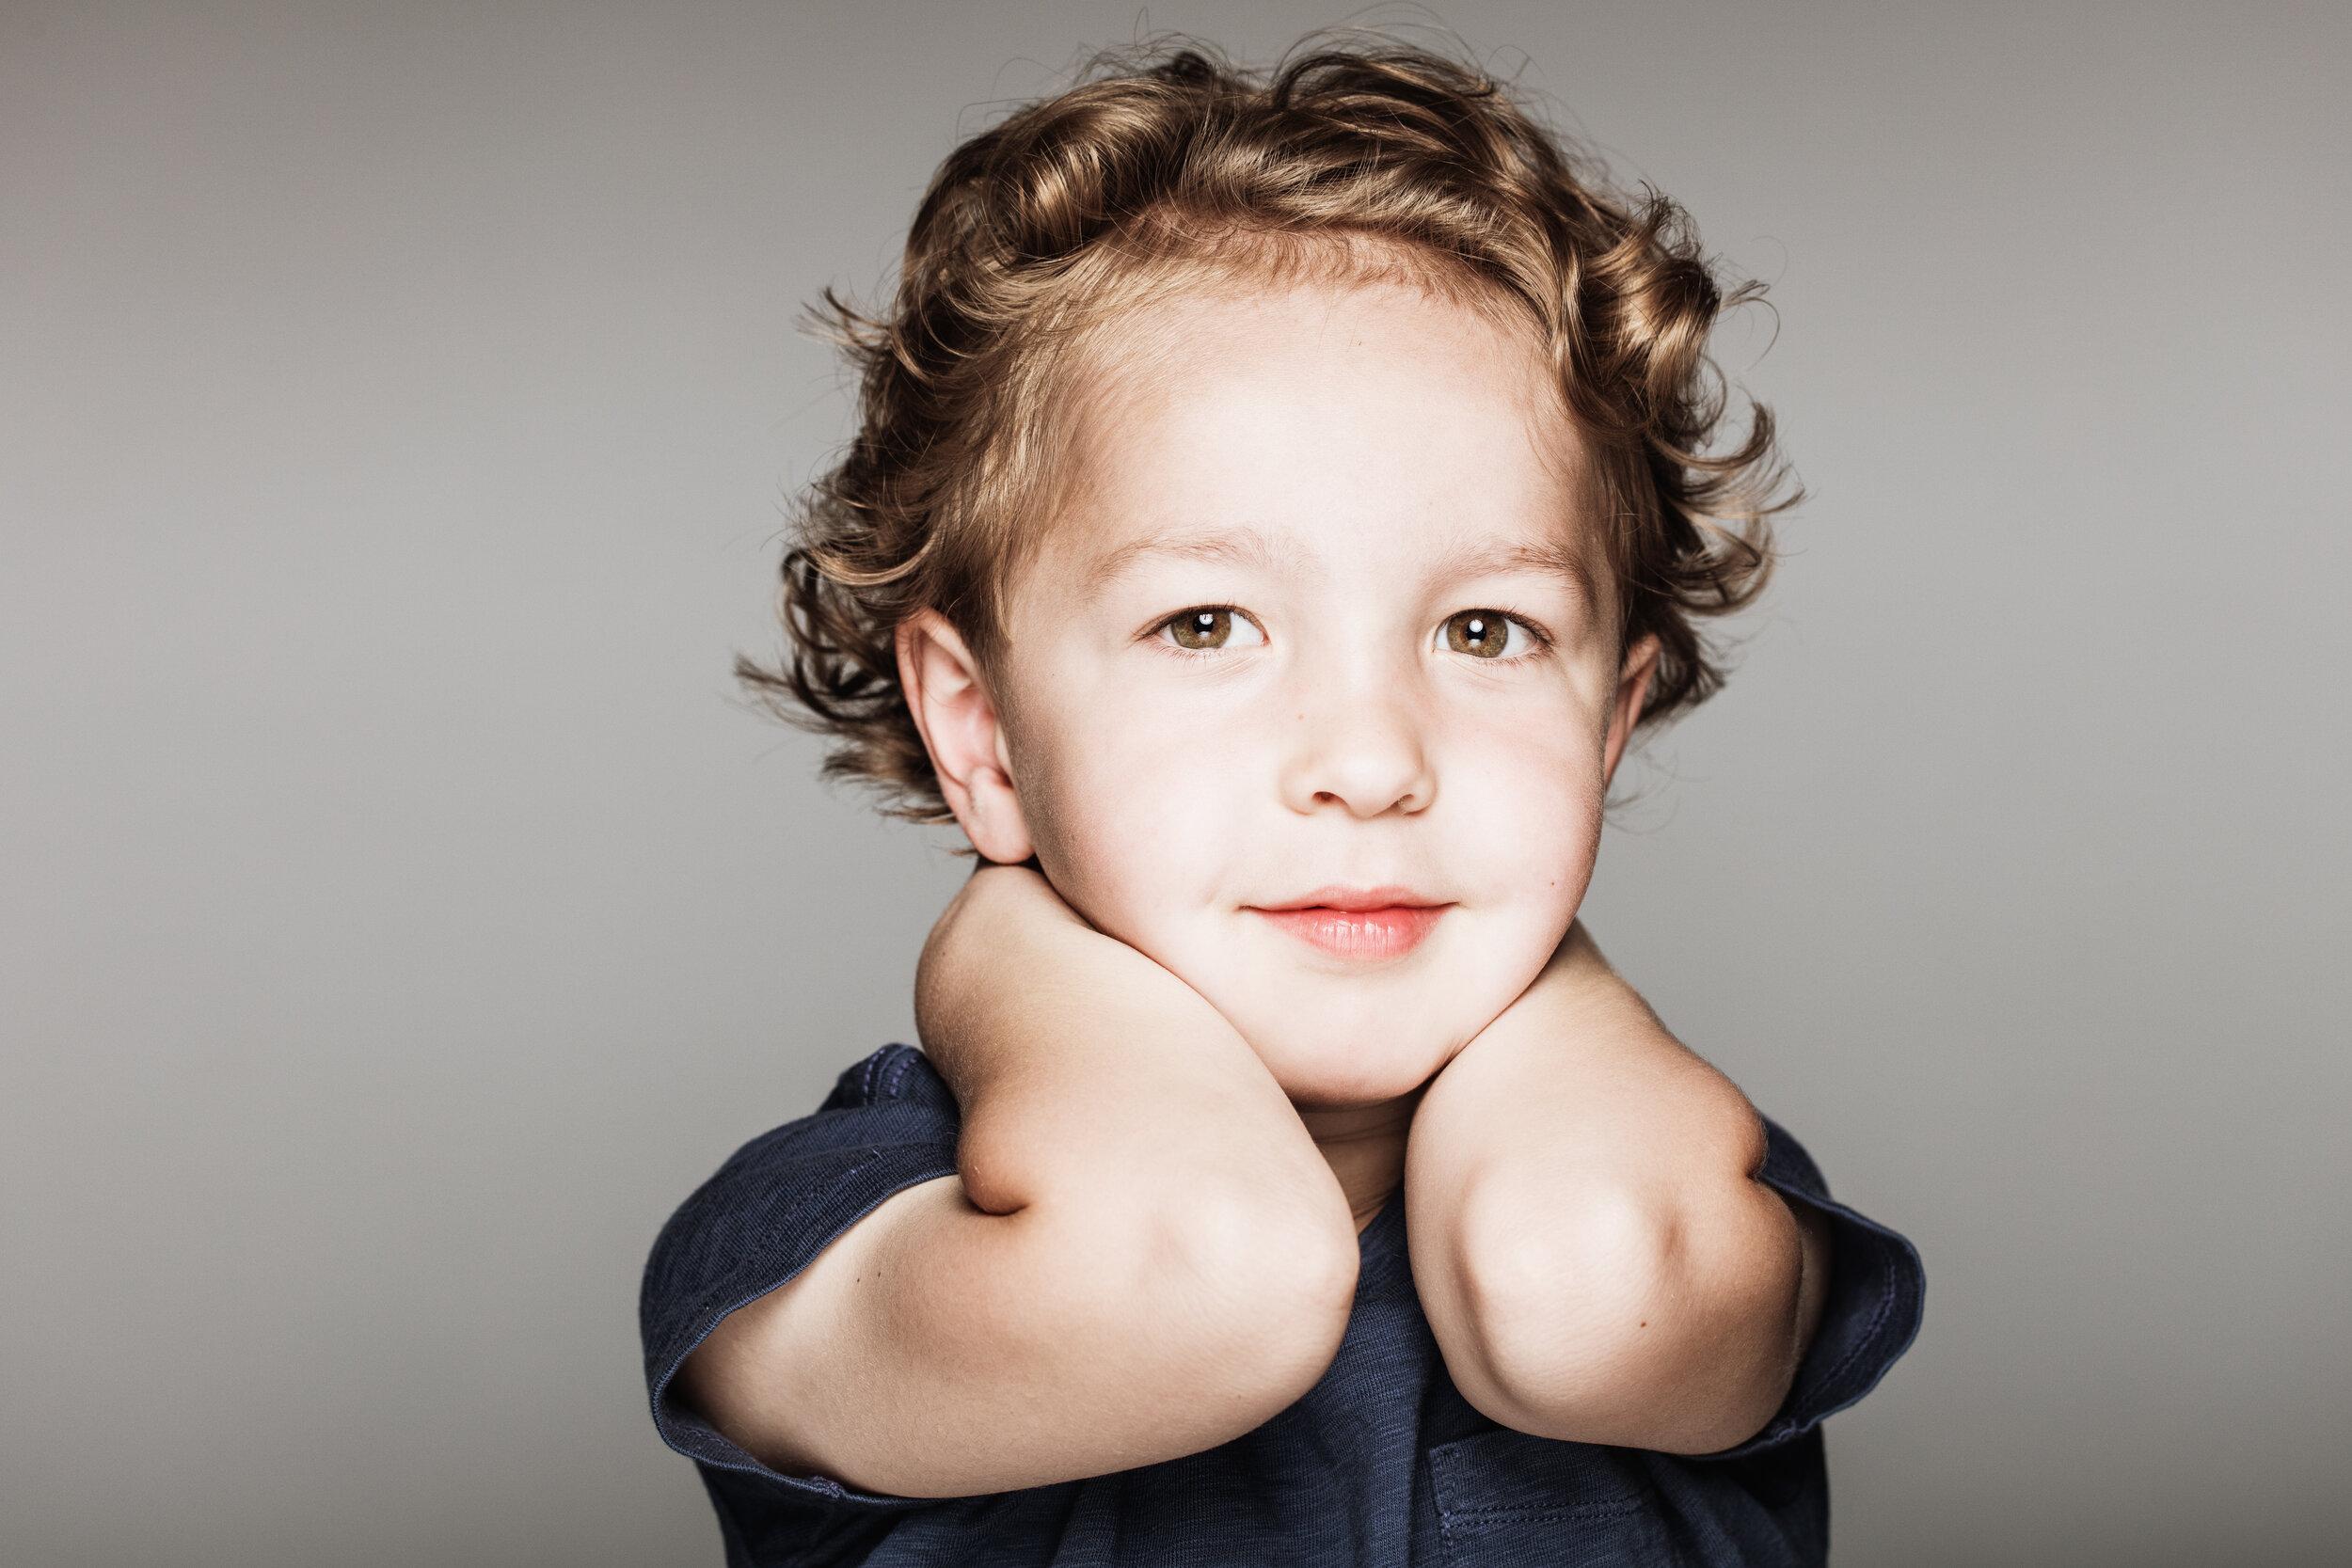 Child photo studio portrait